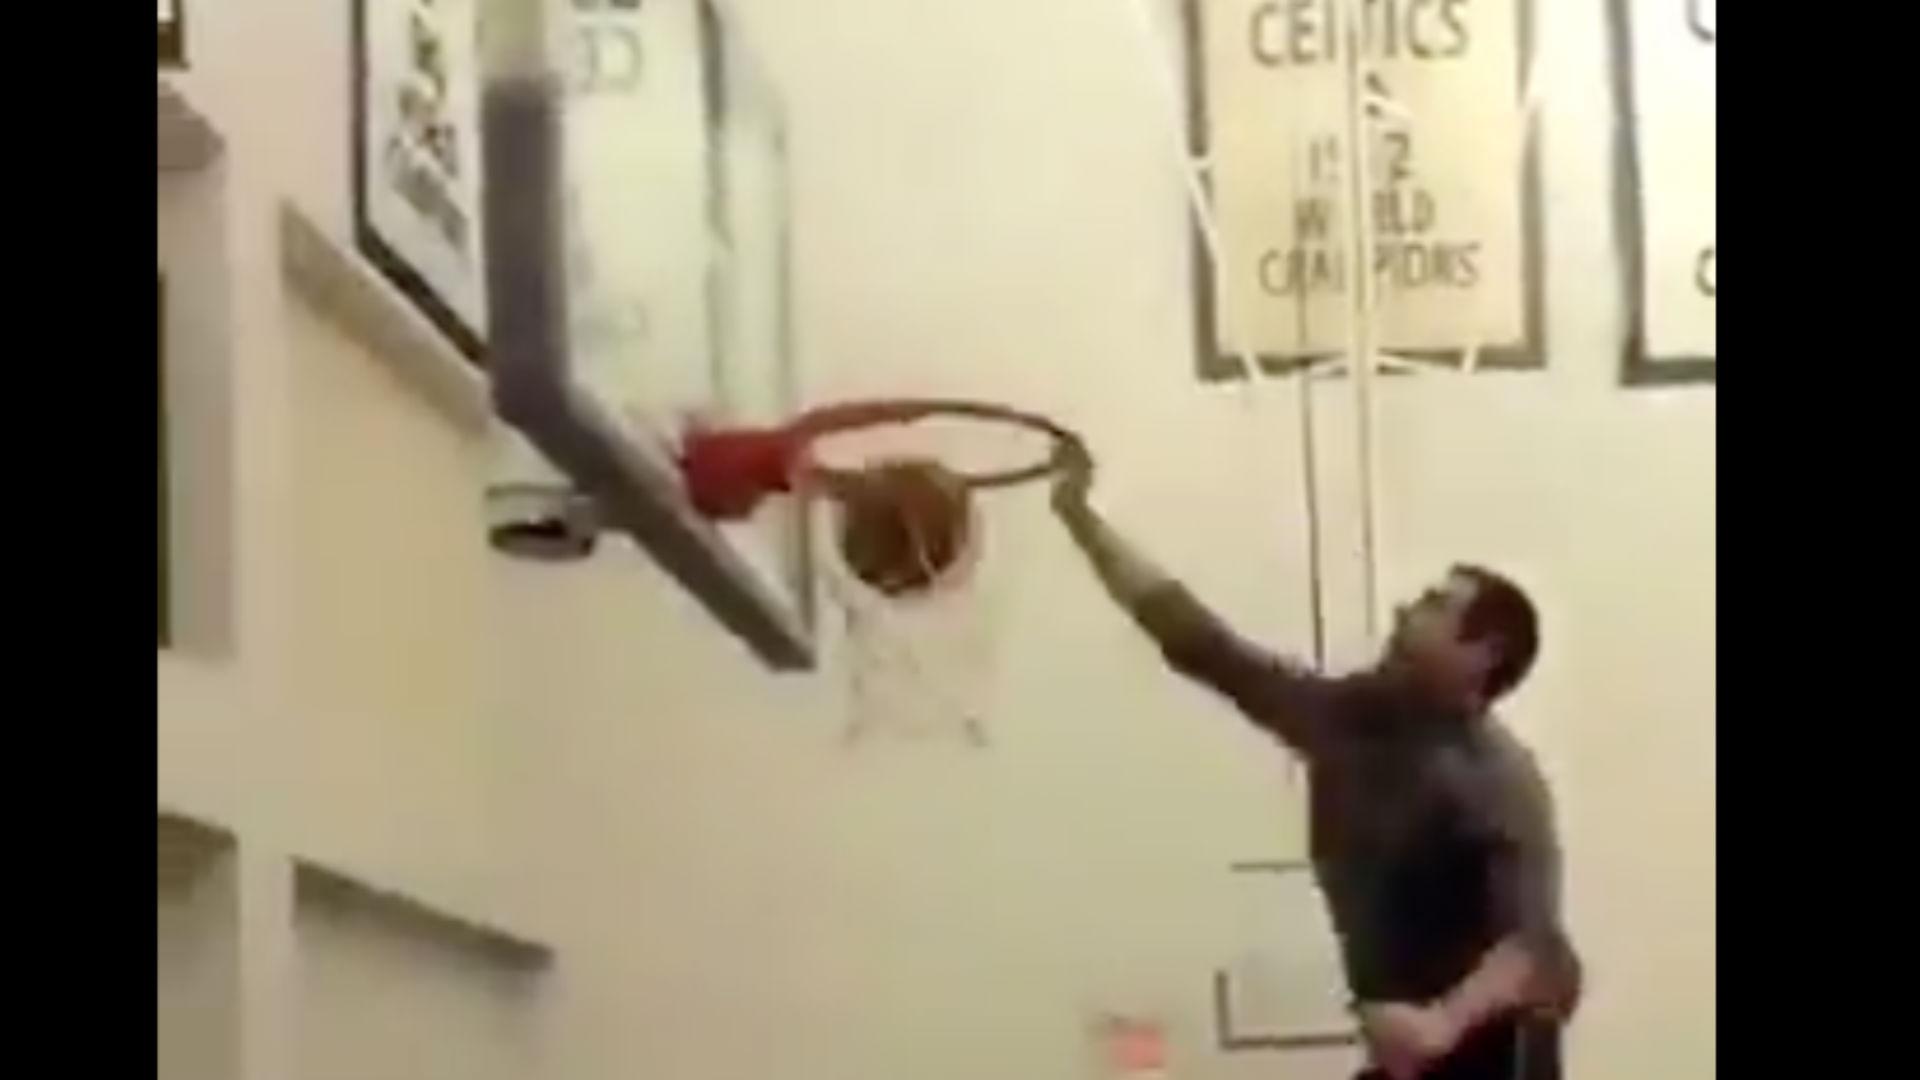 Brad Stevens dunk